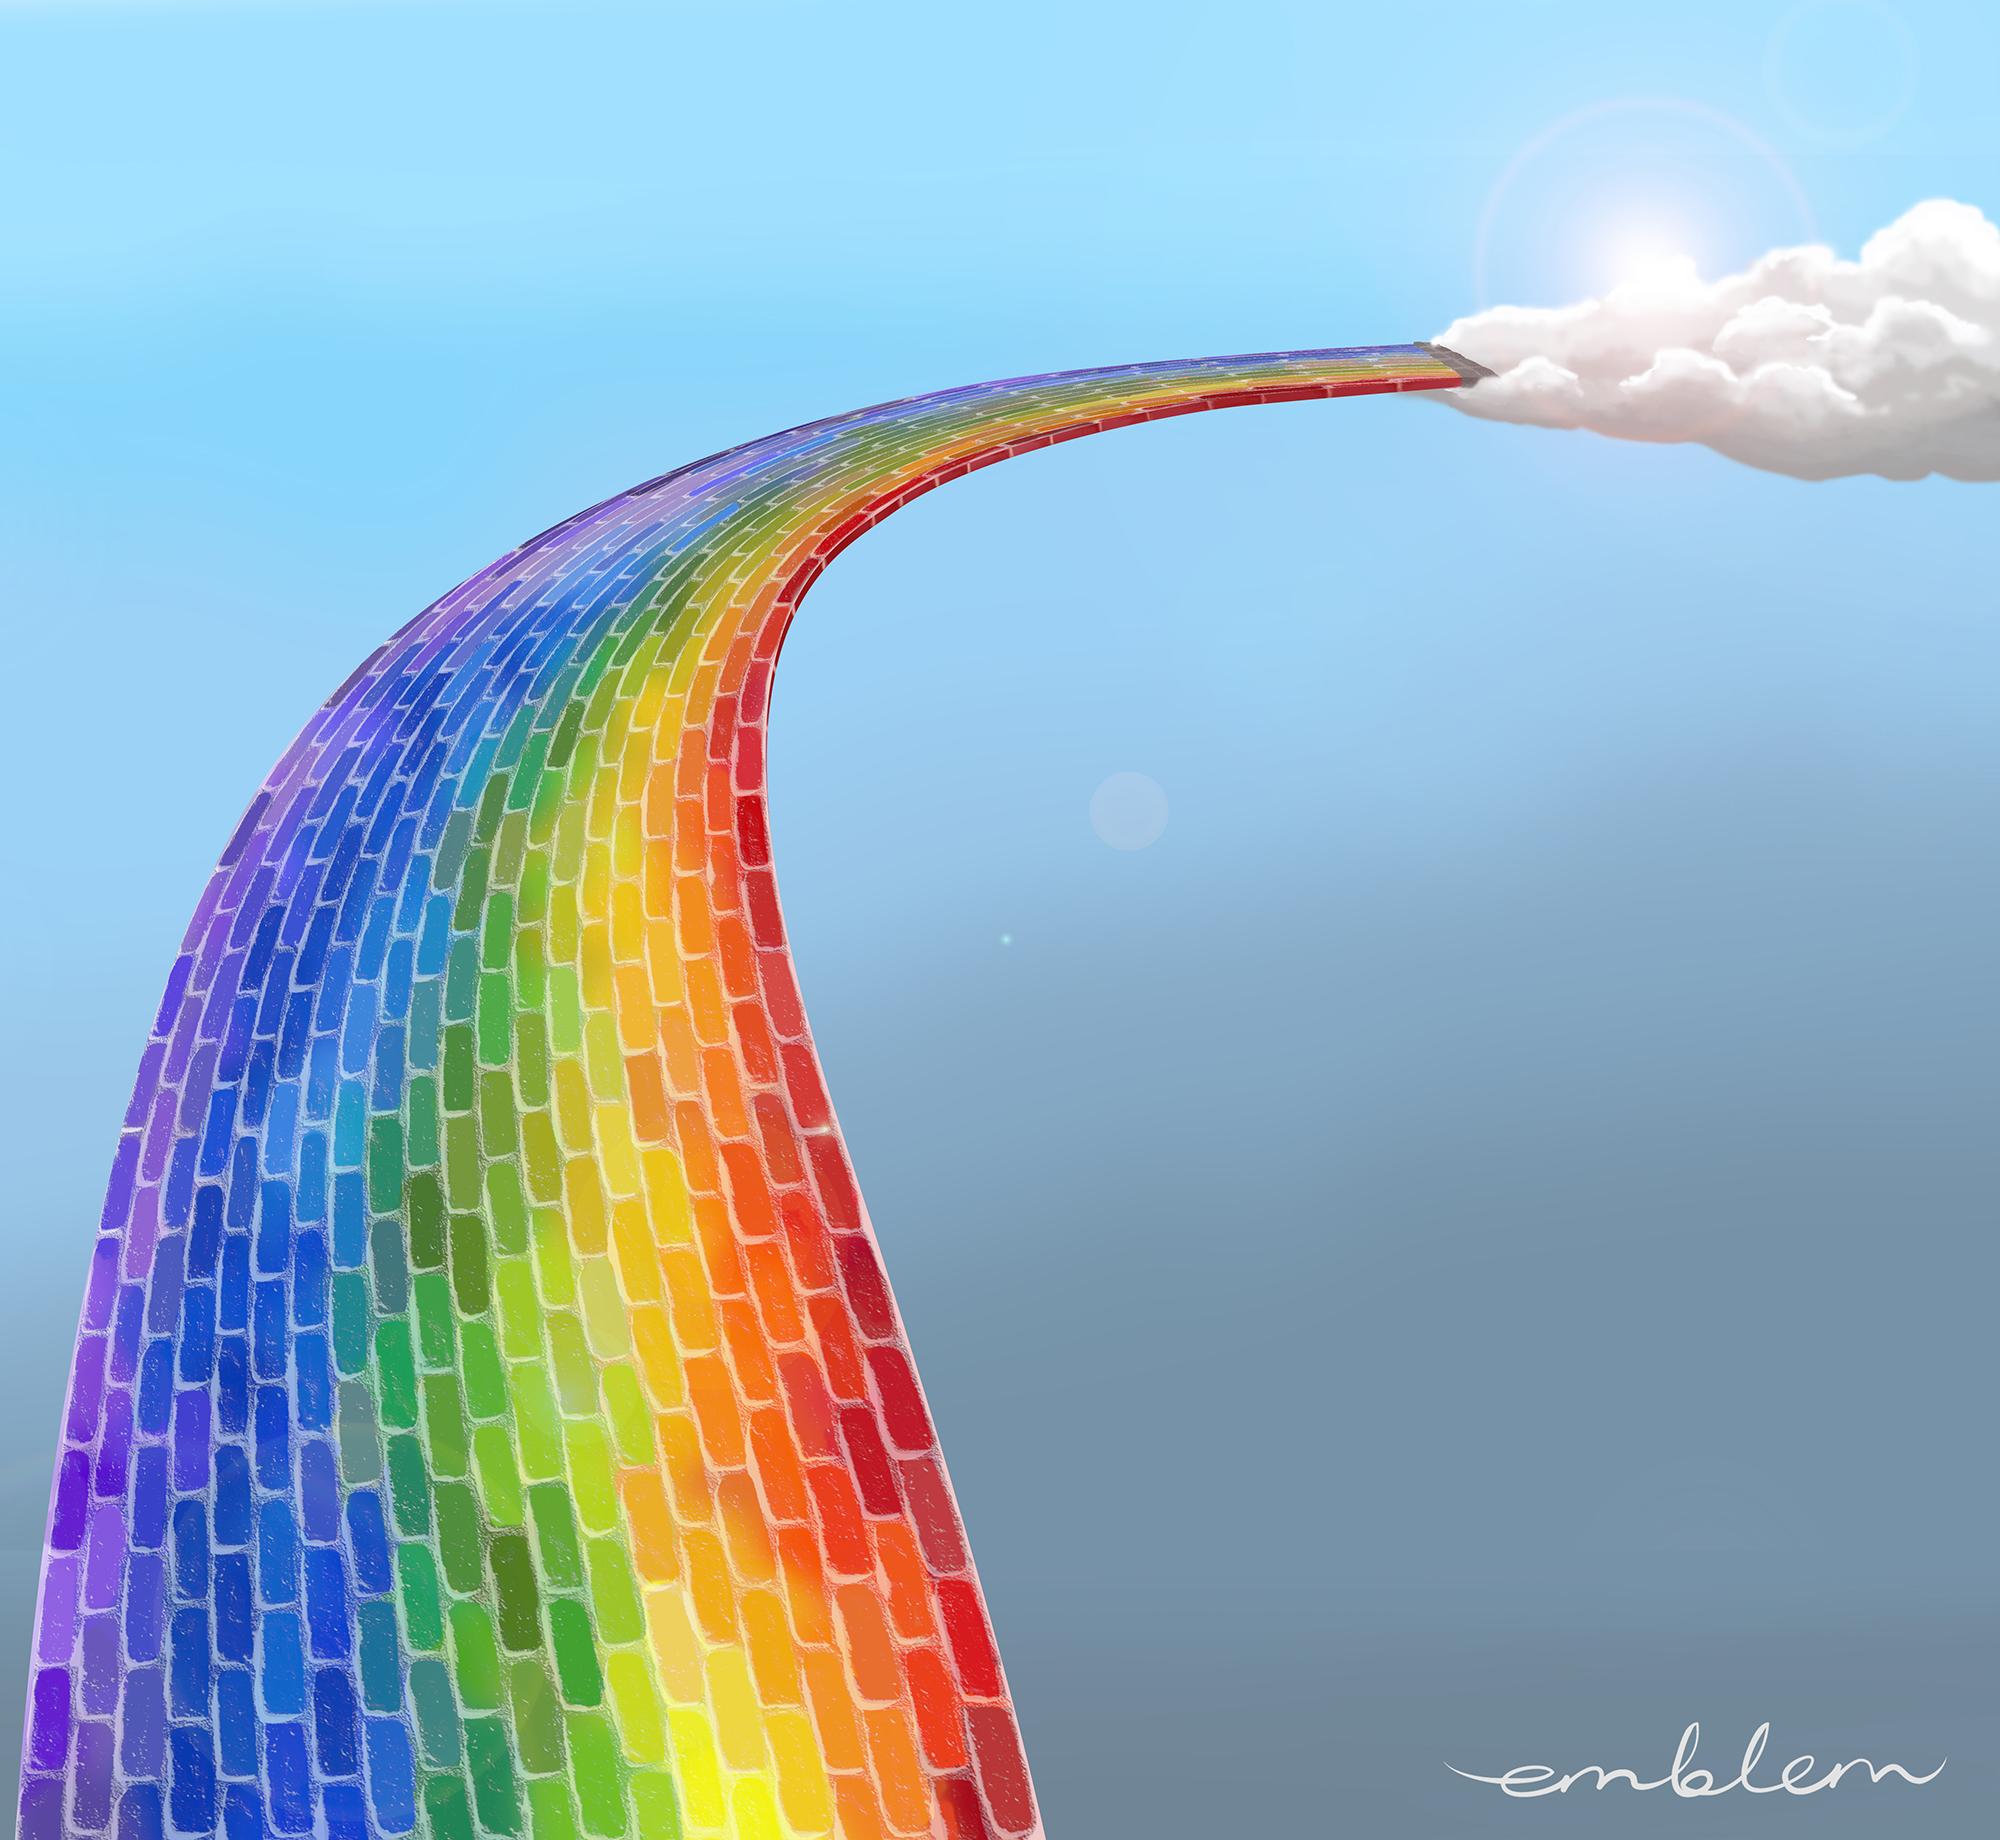 Bifrost, the rainbow bridge between the worlds